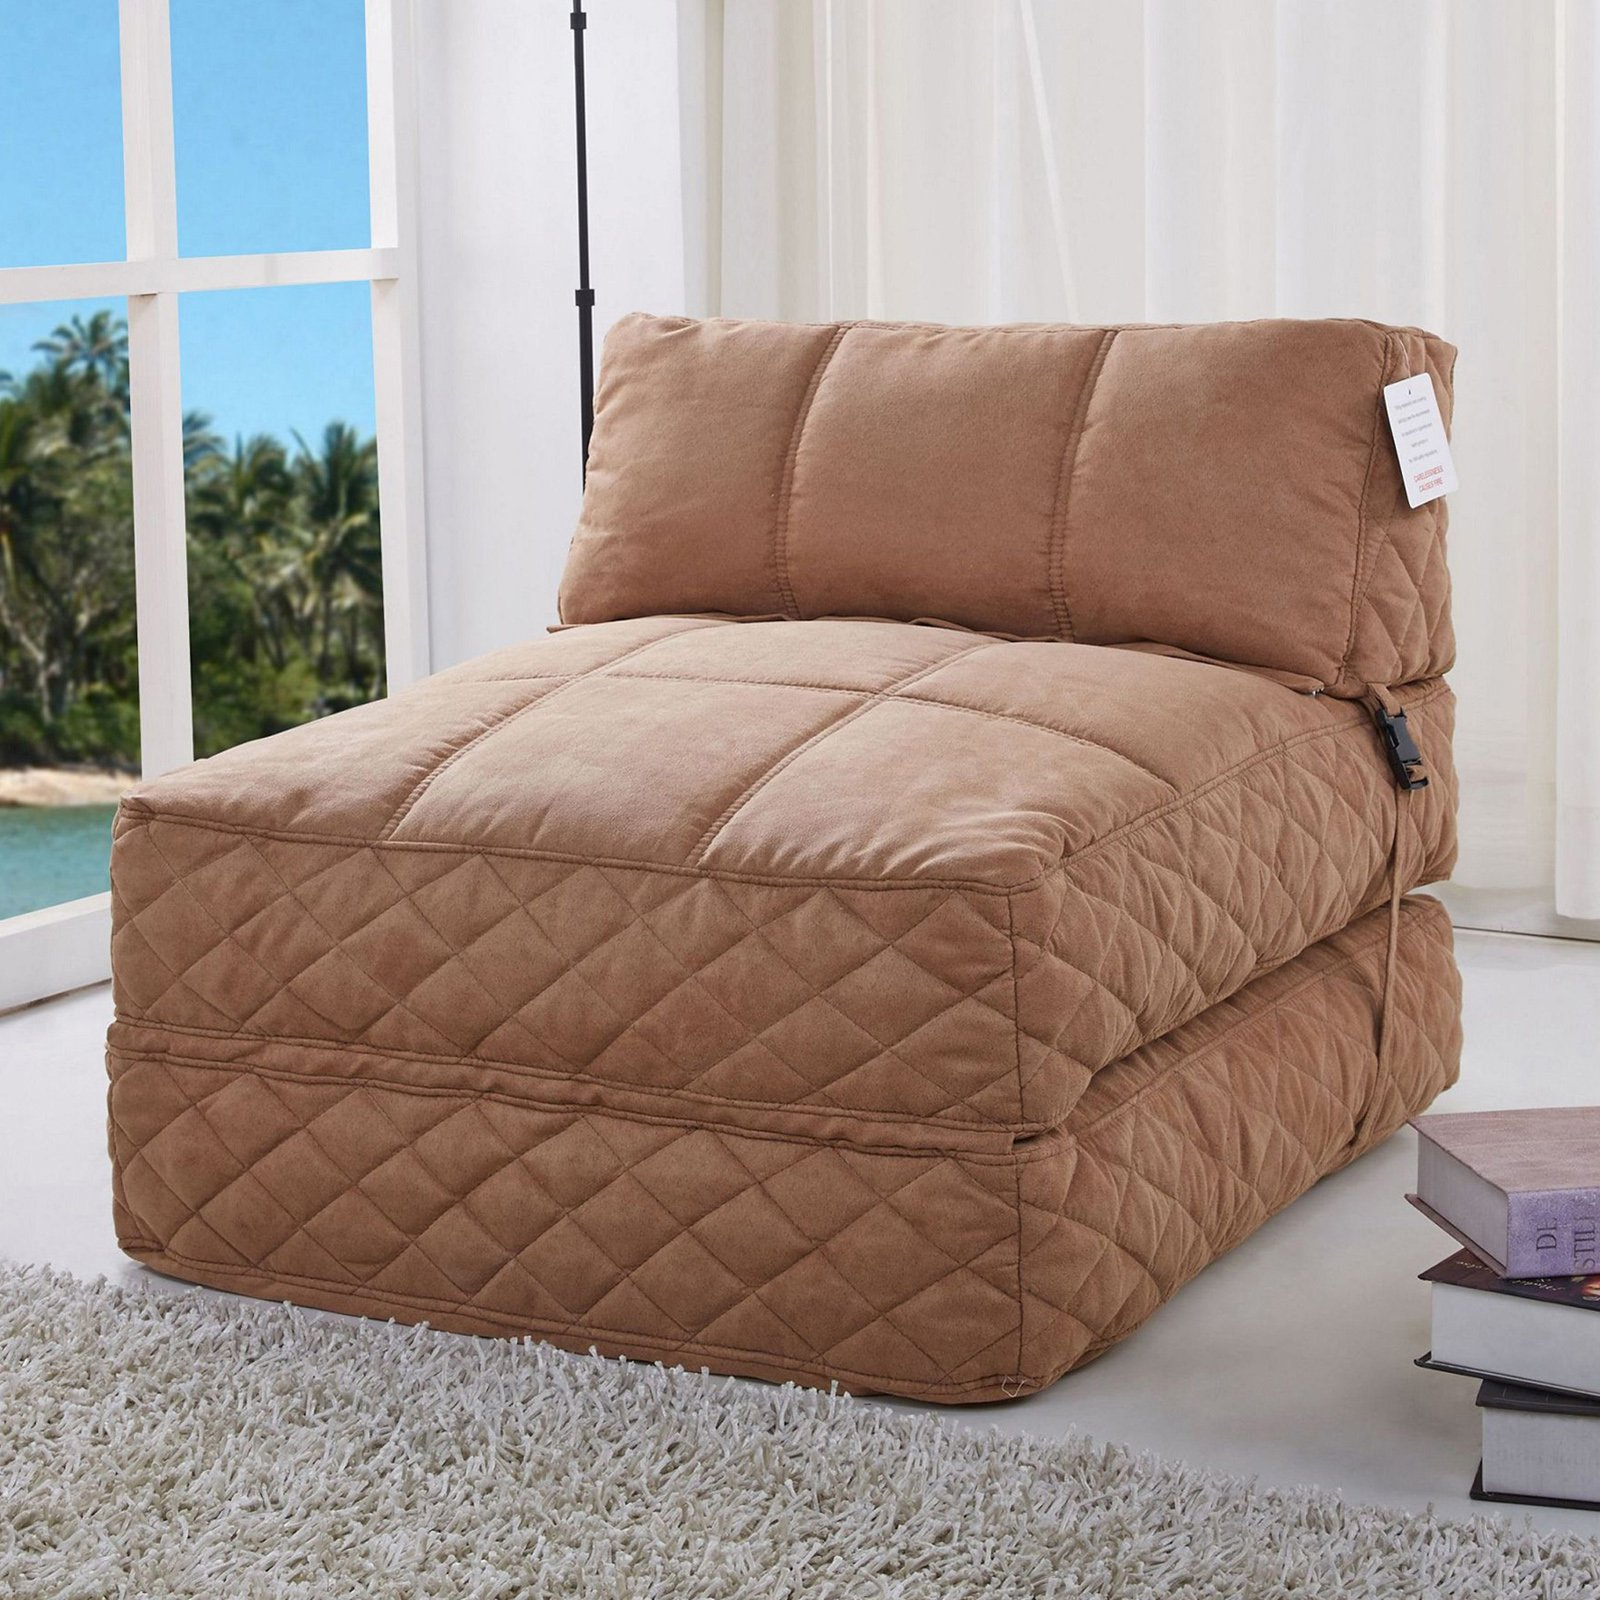 Gold Sparrow Austin Fabric Bean Bag Chair Bed - ADC-AUS-BCB-CCX-COB